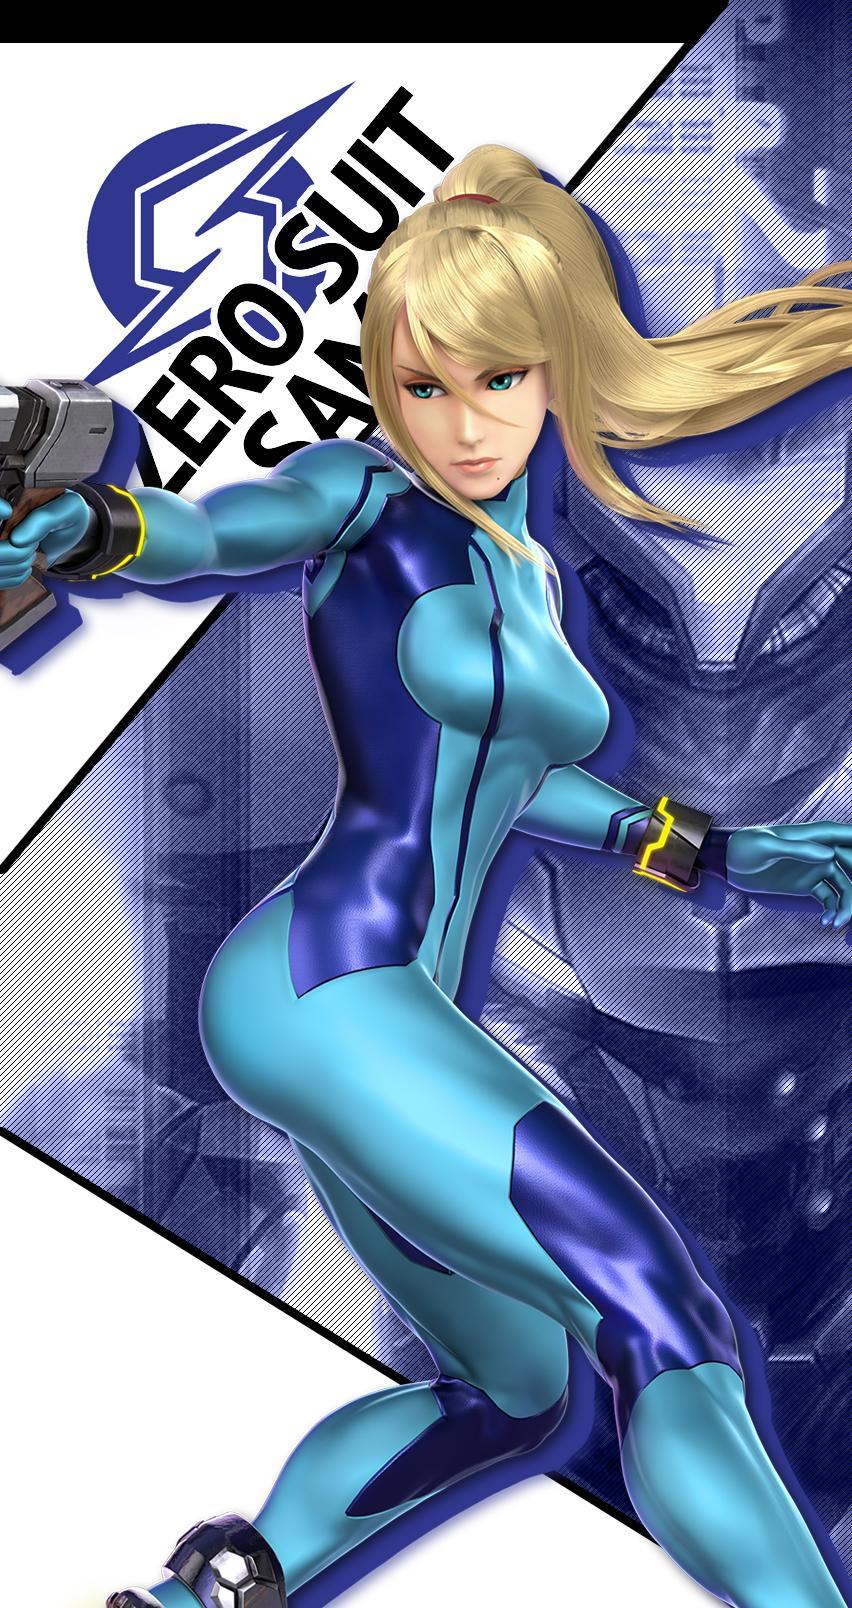 Samus zero suit big boobs